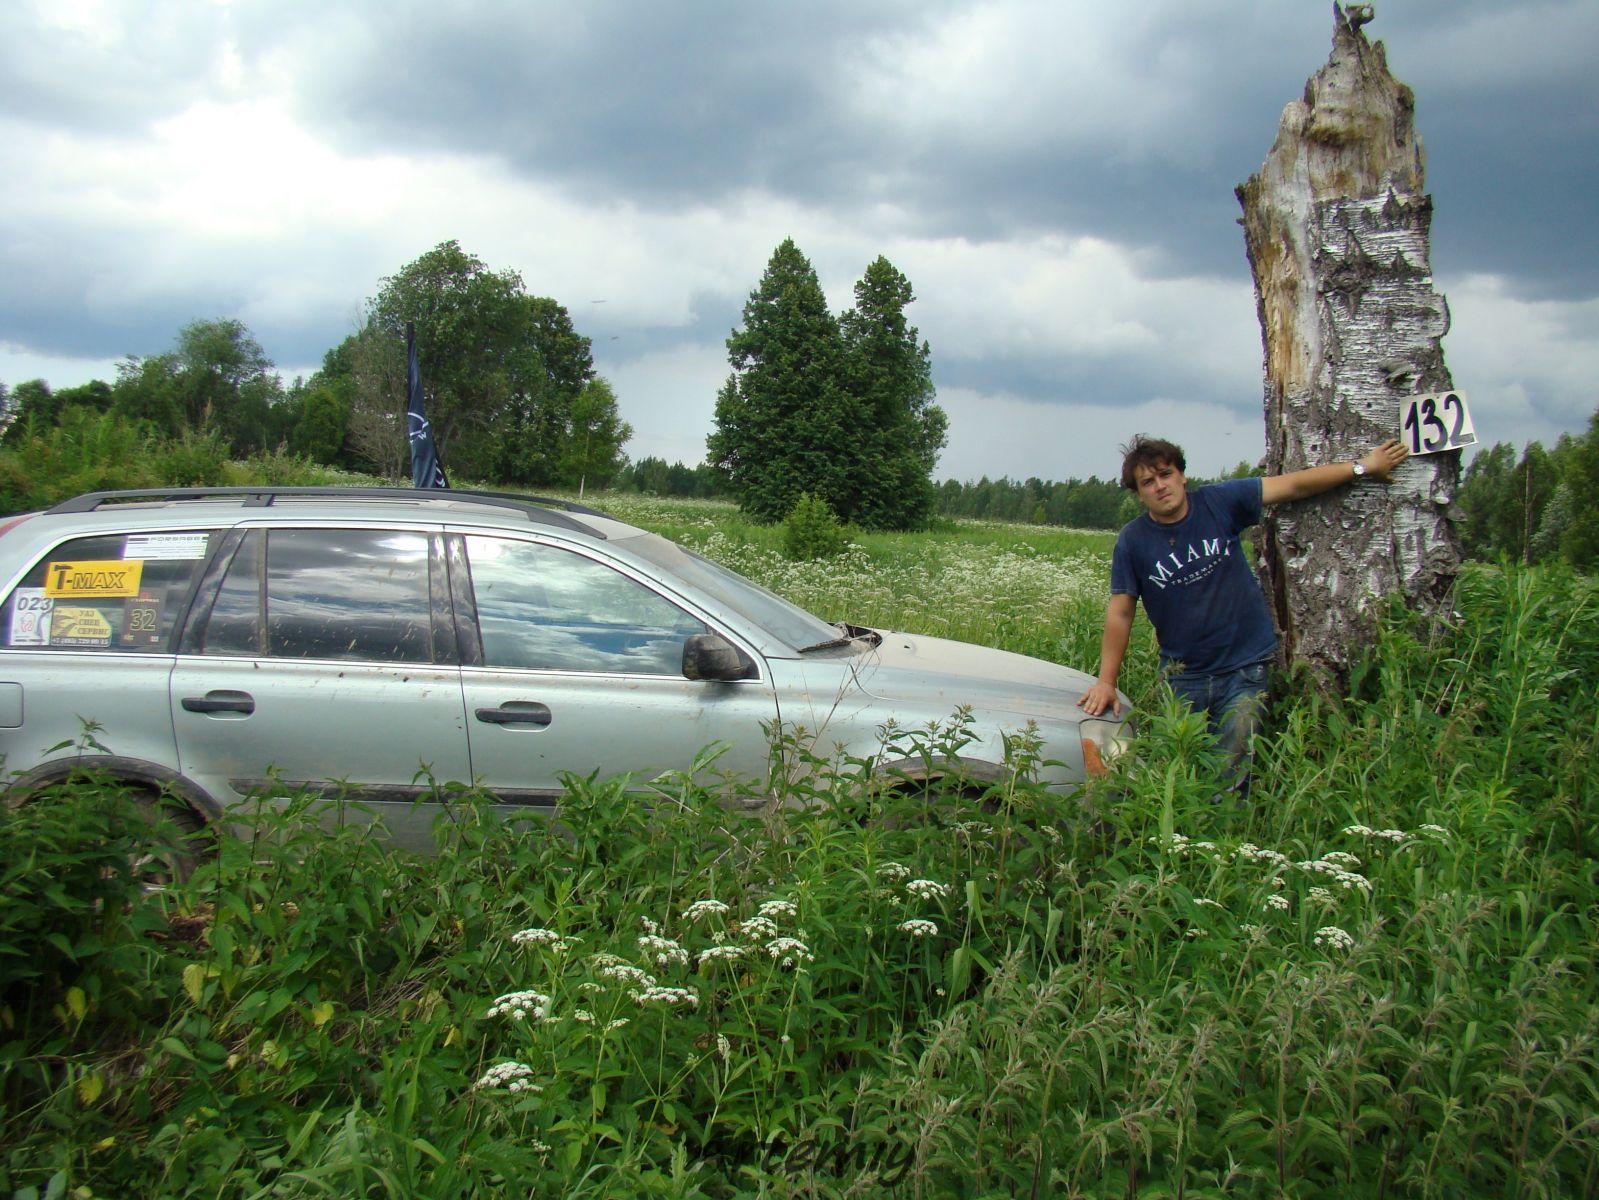 точка 136 на старом дереве